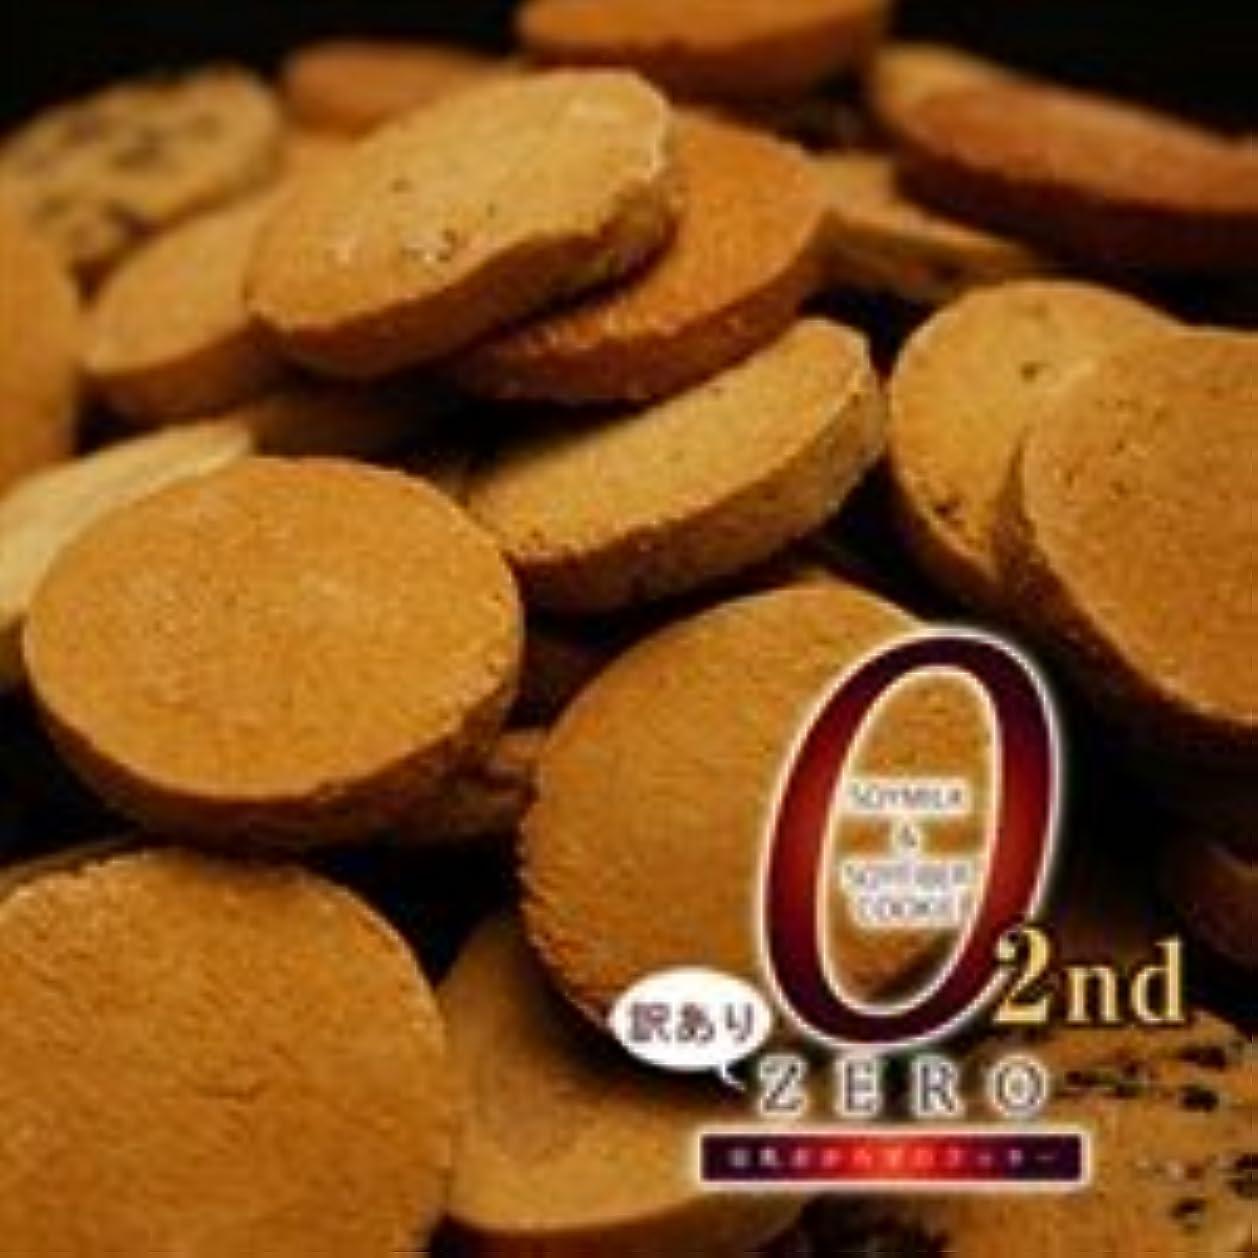 戻すダイヤモンド代表する蒲屋忠兵衛商店 訳あり豆乳おからゼロクッキー 2nd 1kg(250g×4袋)